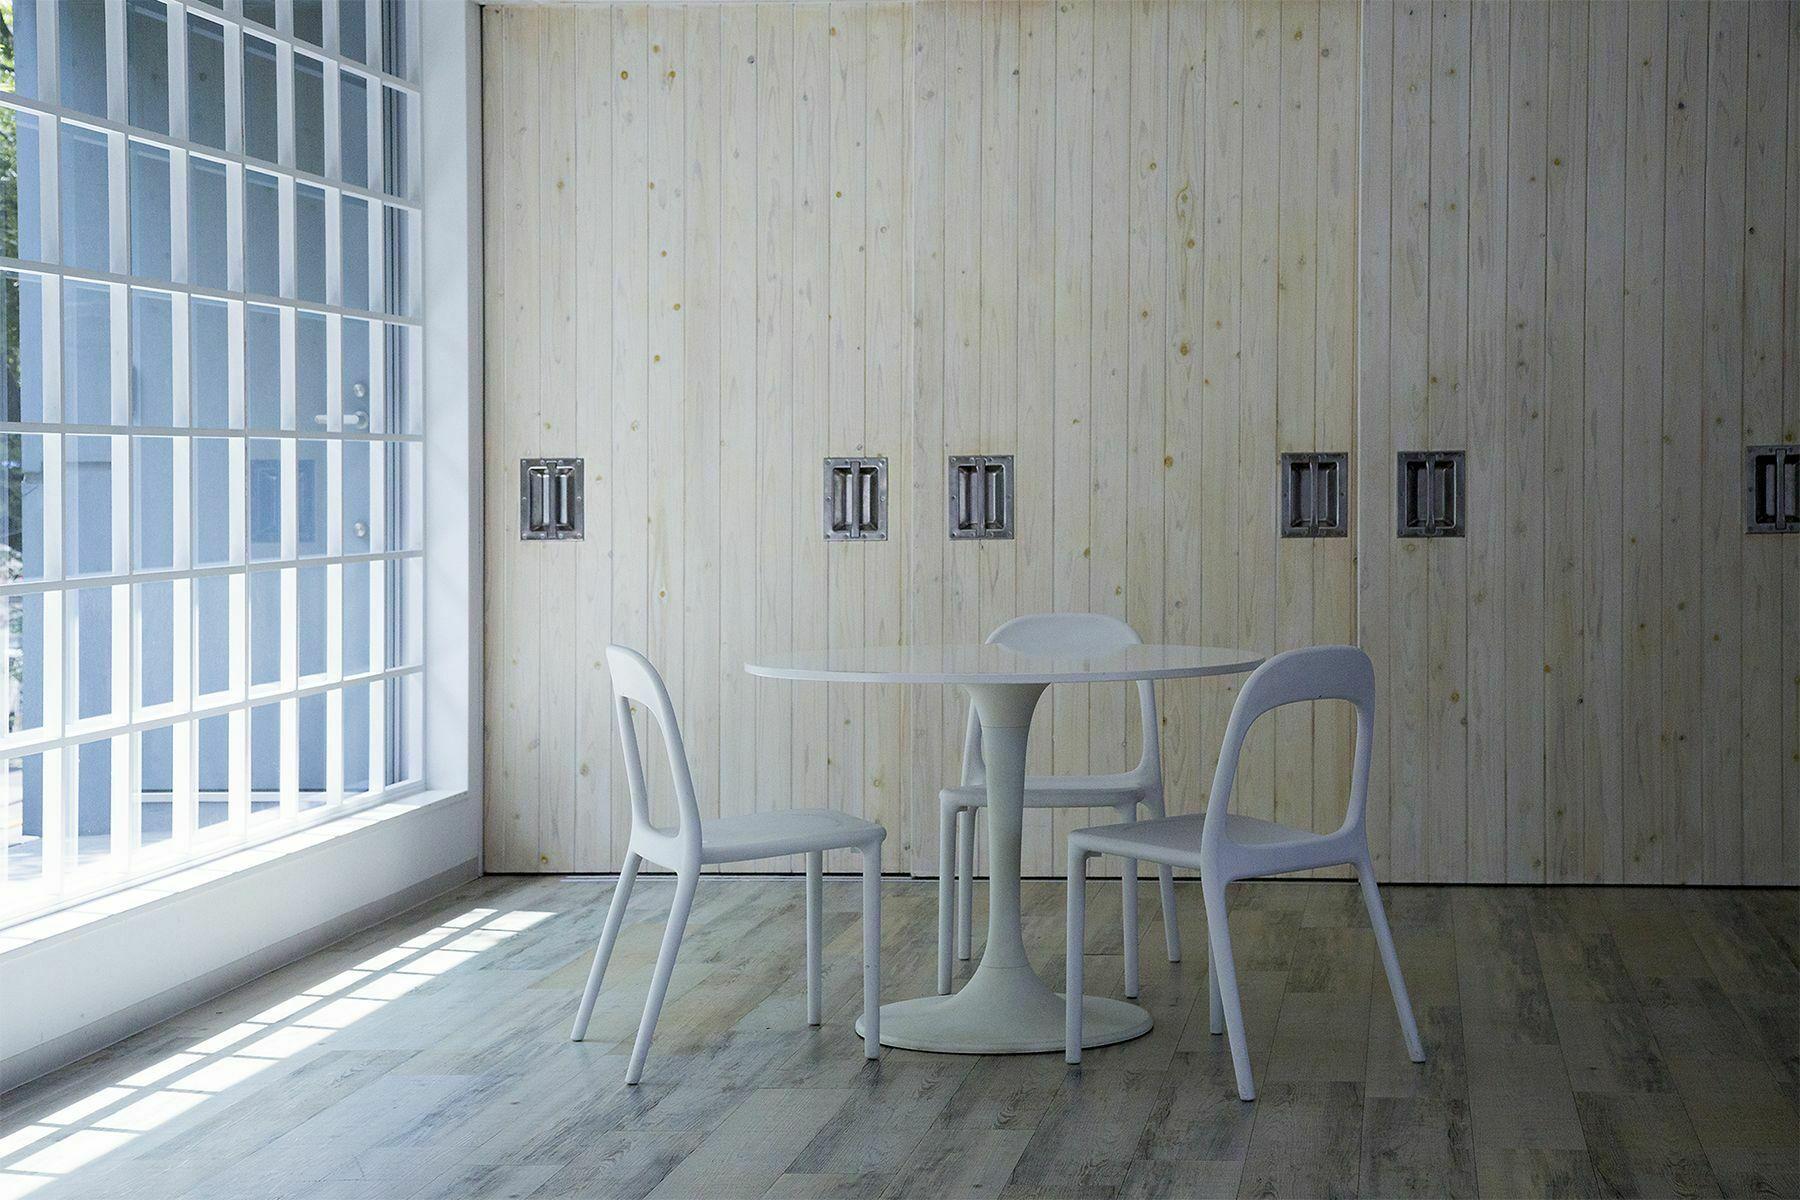 Studio TERRANOVA Bst  白ホリ+ハウススタジオ  (スタジオテラノヴァ)壁紙 イエローの波模様